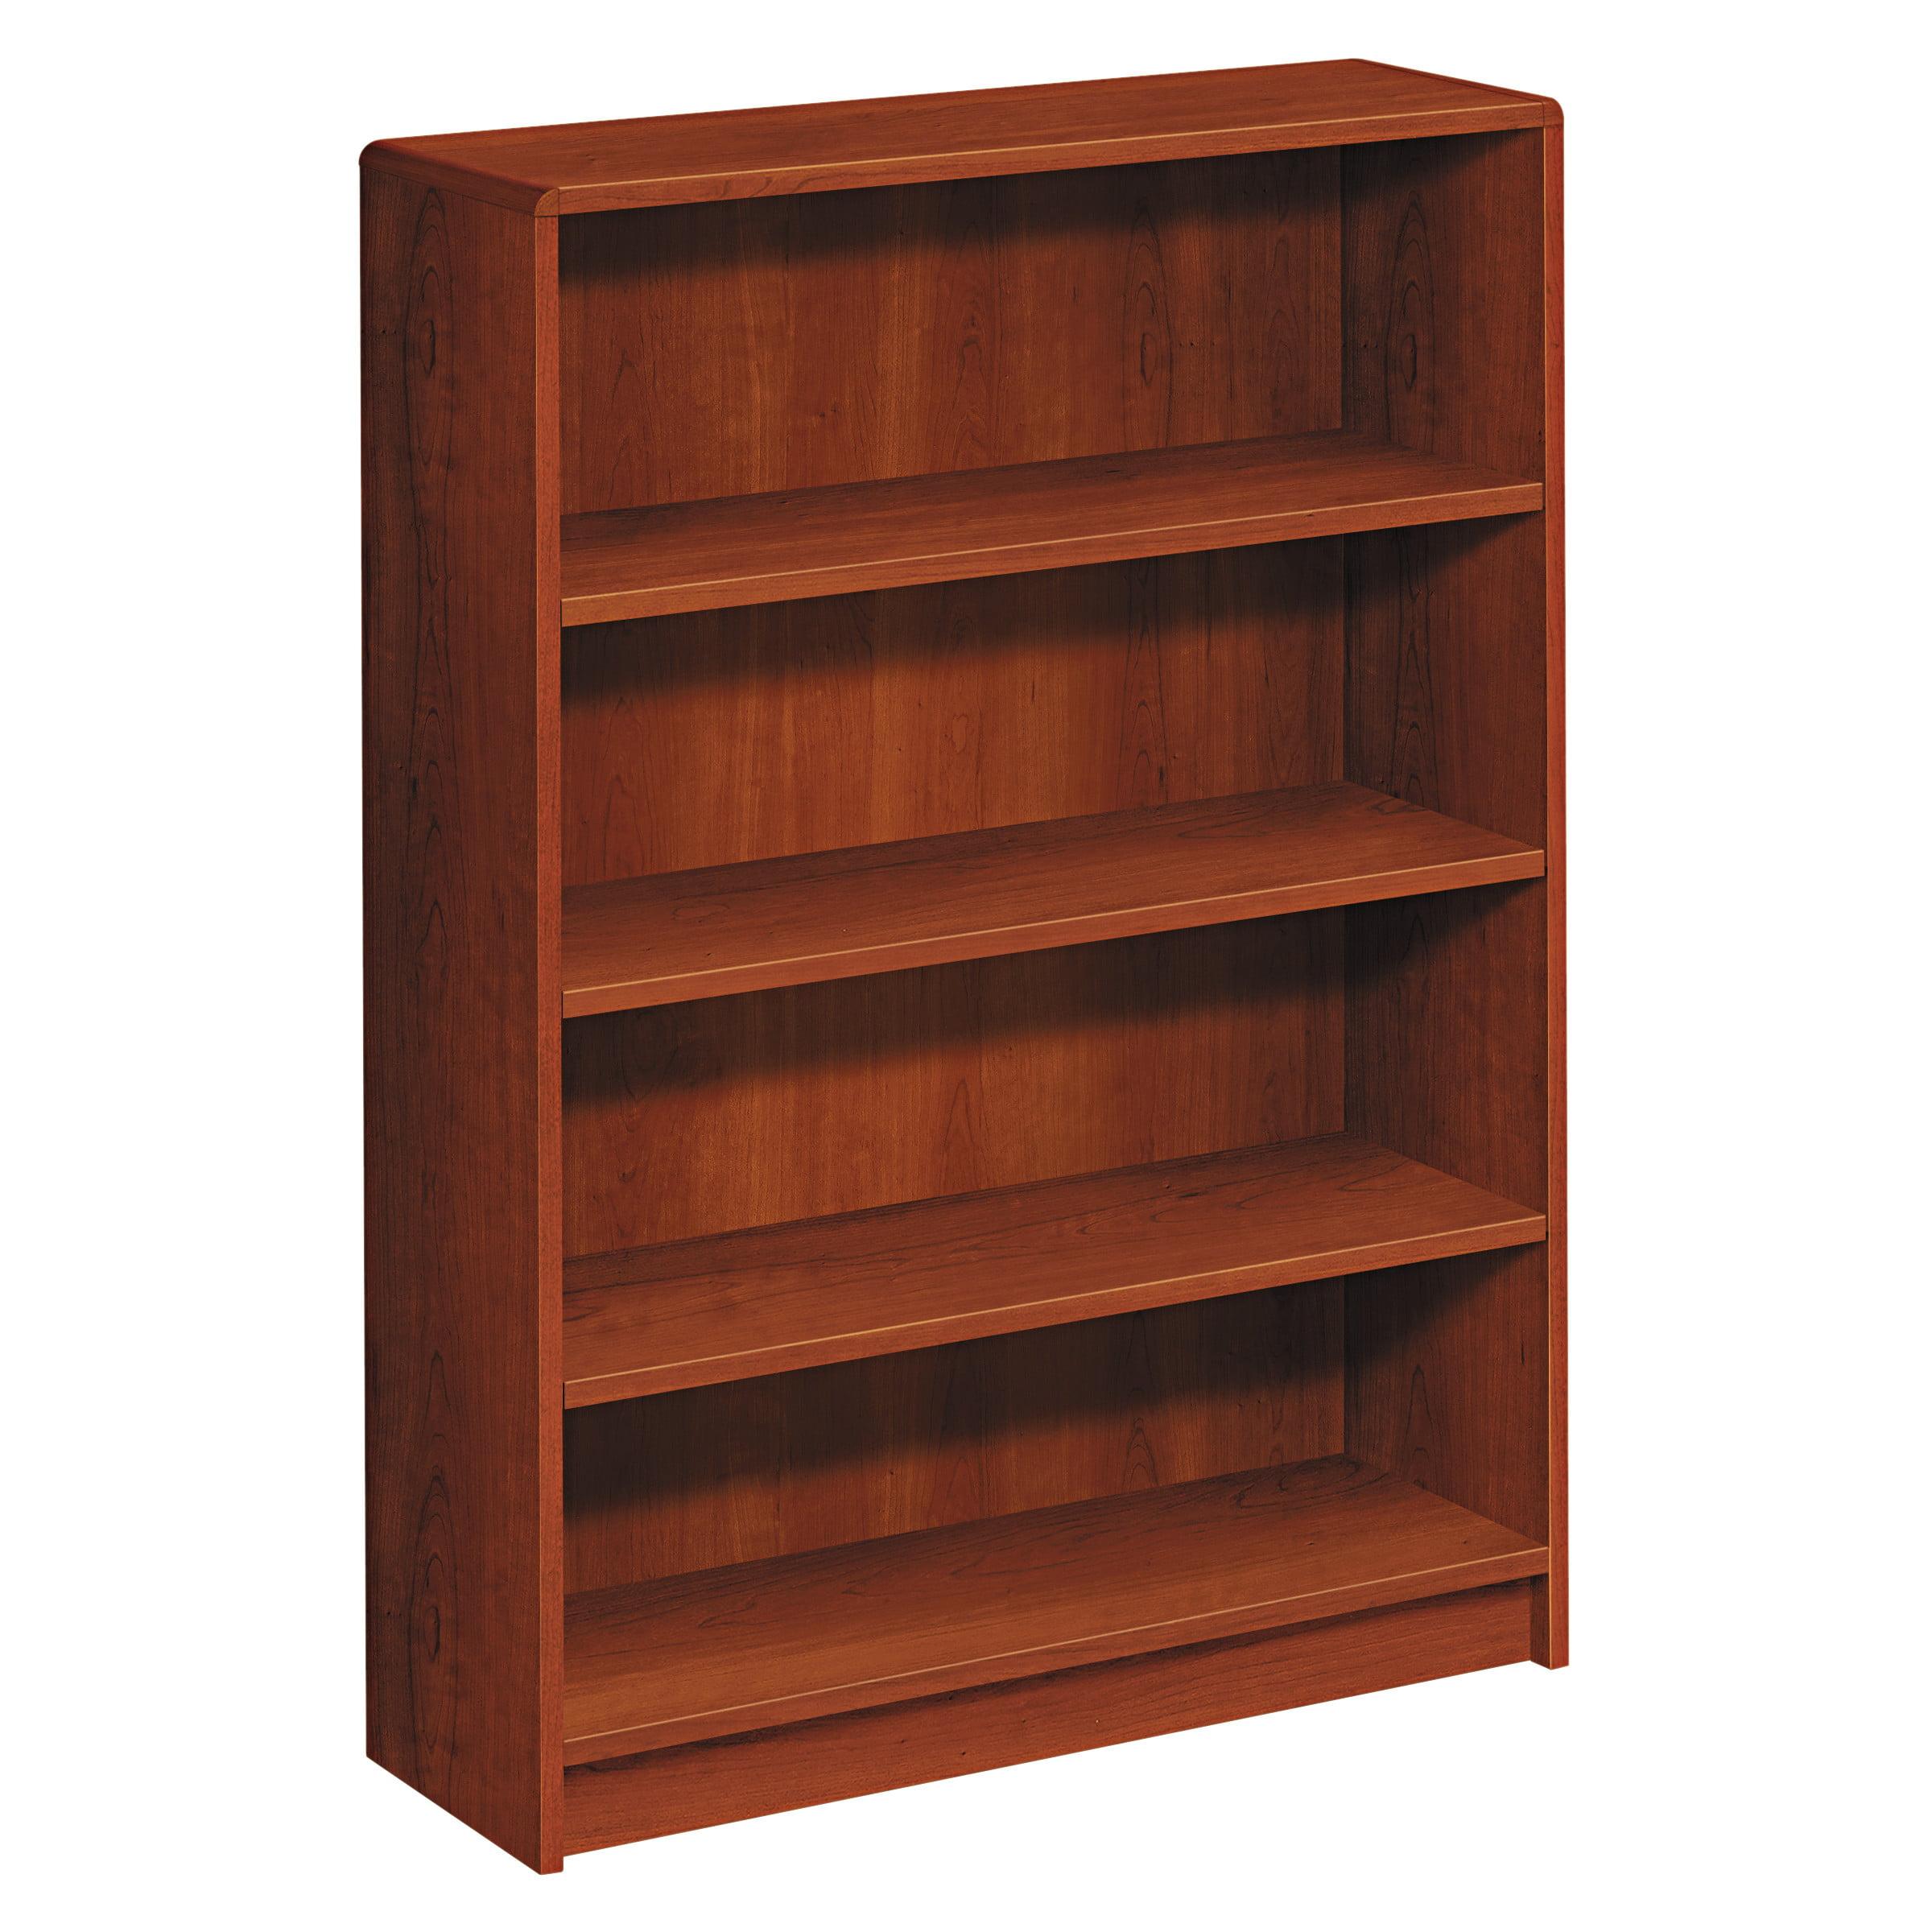 HON 1890 Series Bookcase, Four Shelf, 36w x 11 1/2d x 48 3/4h, Cognac